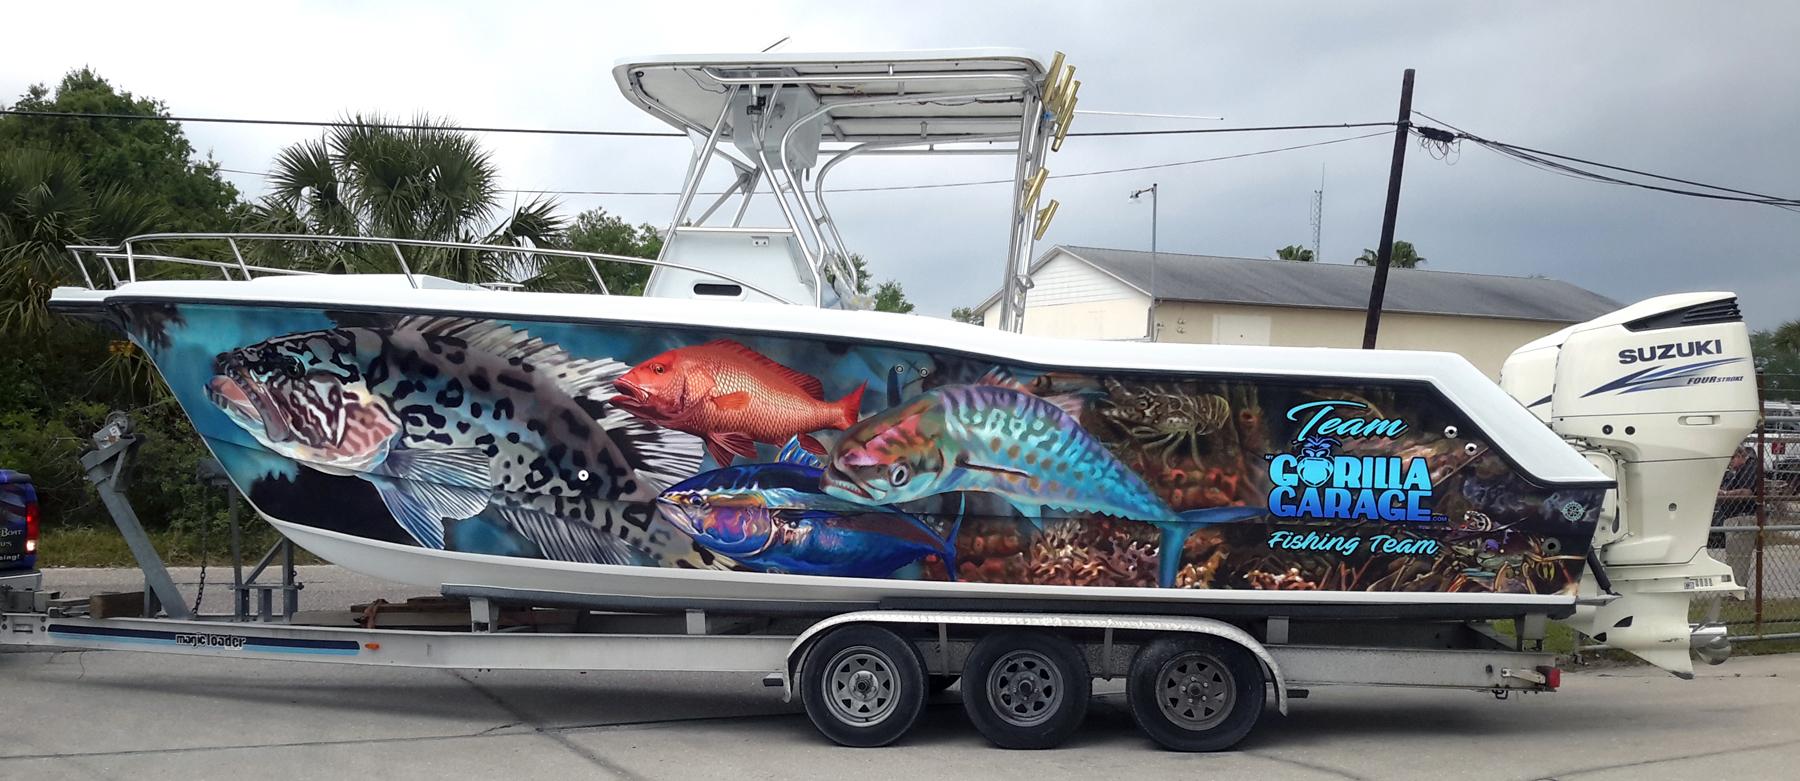 boat-wrap-bottom-fishing-art-desing-jason-mathias.jpg